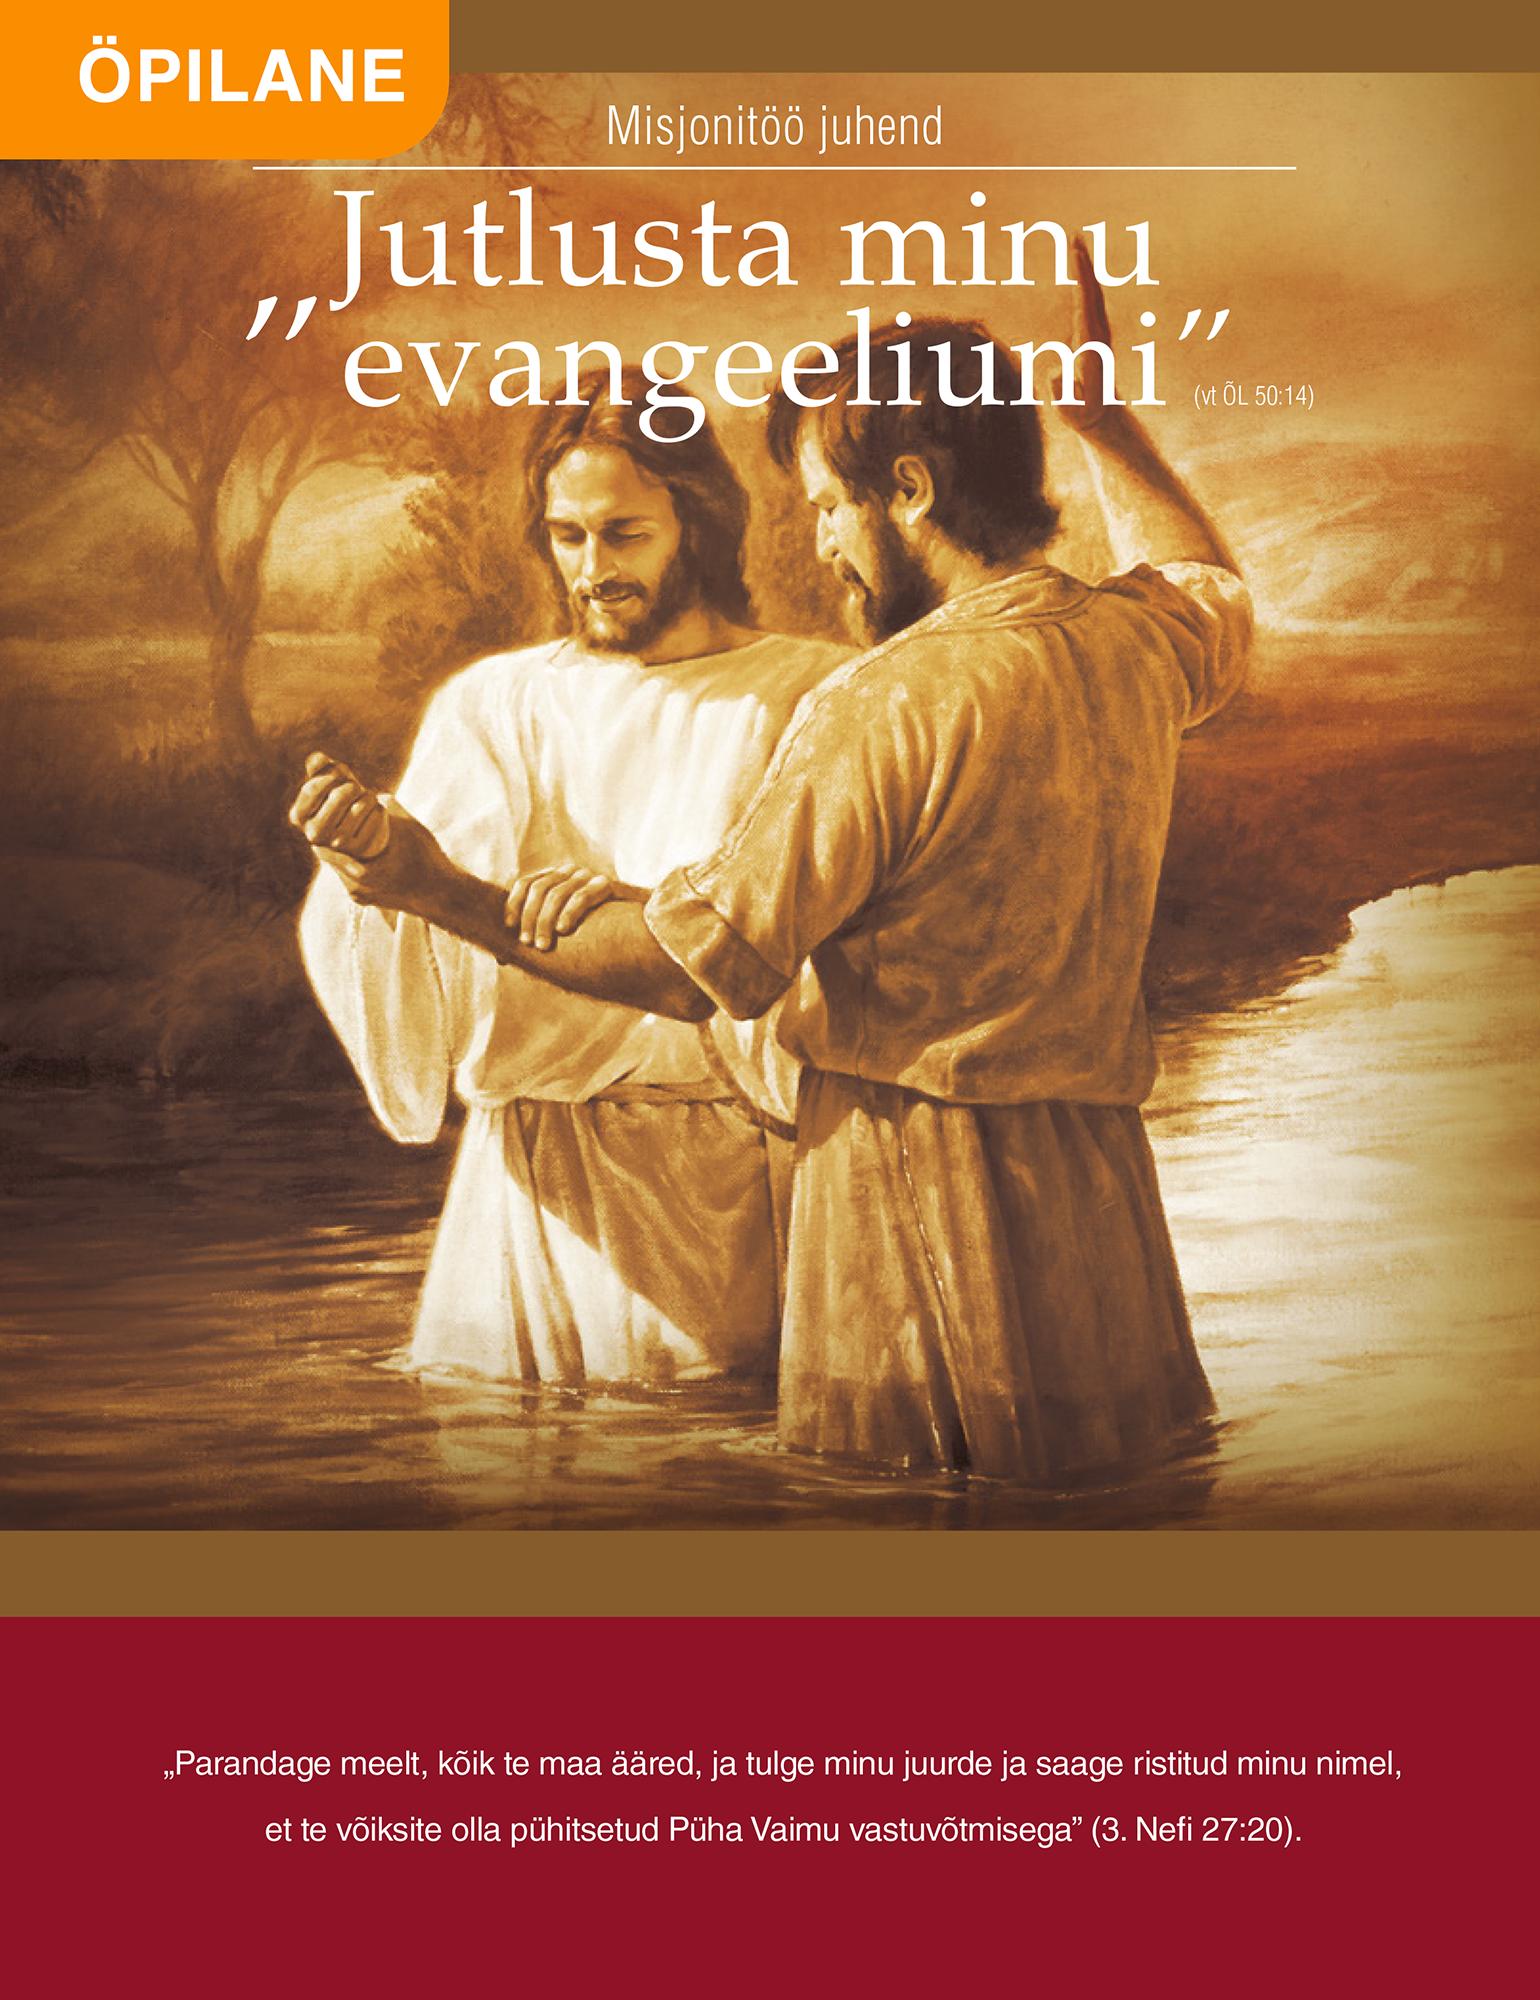 Jutlusta minu evangeeliumi